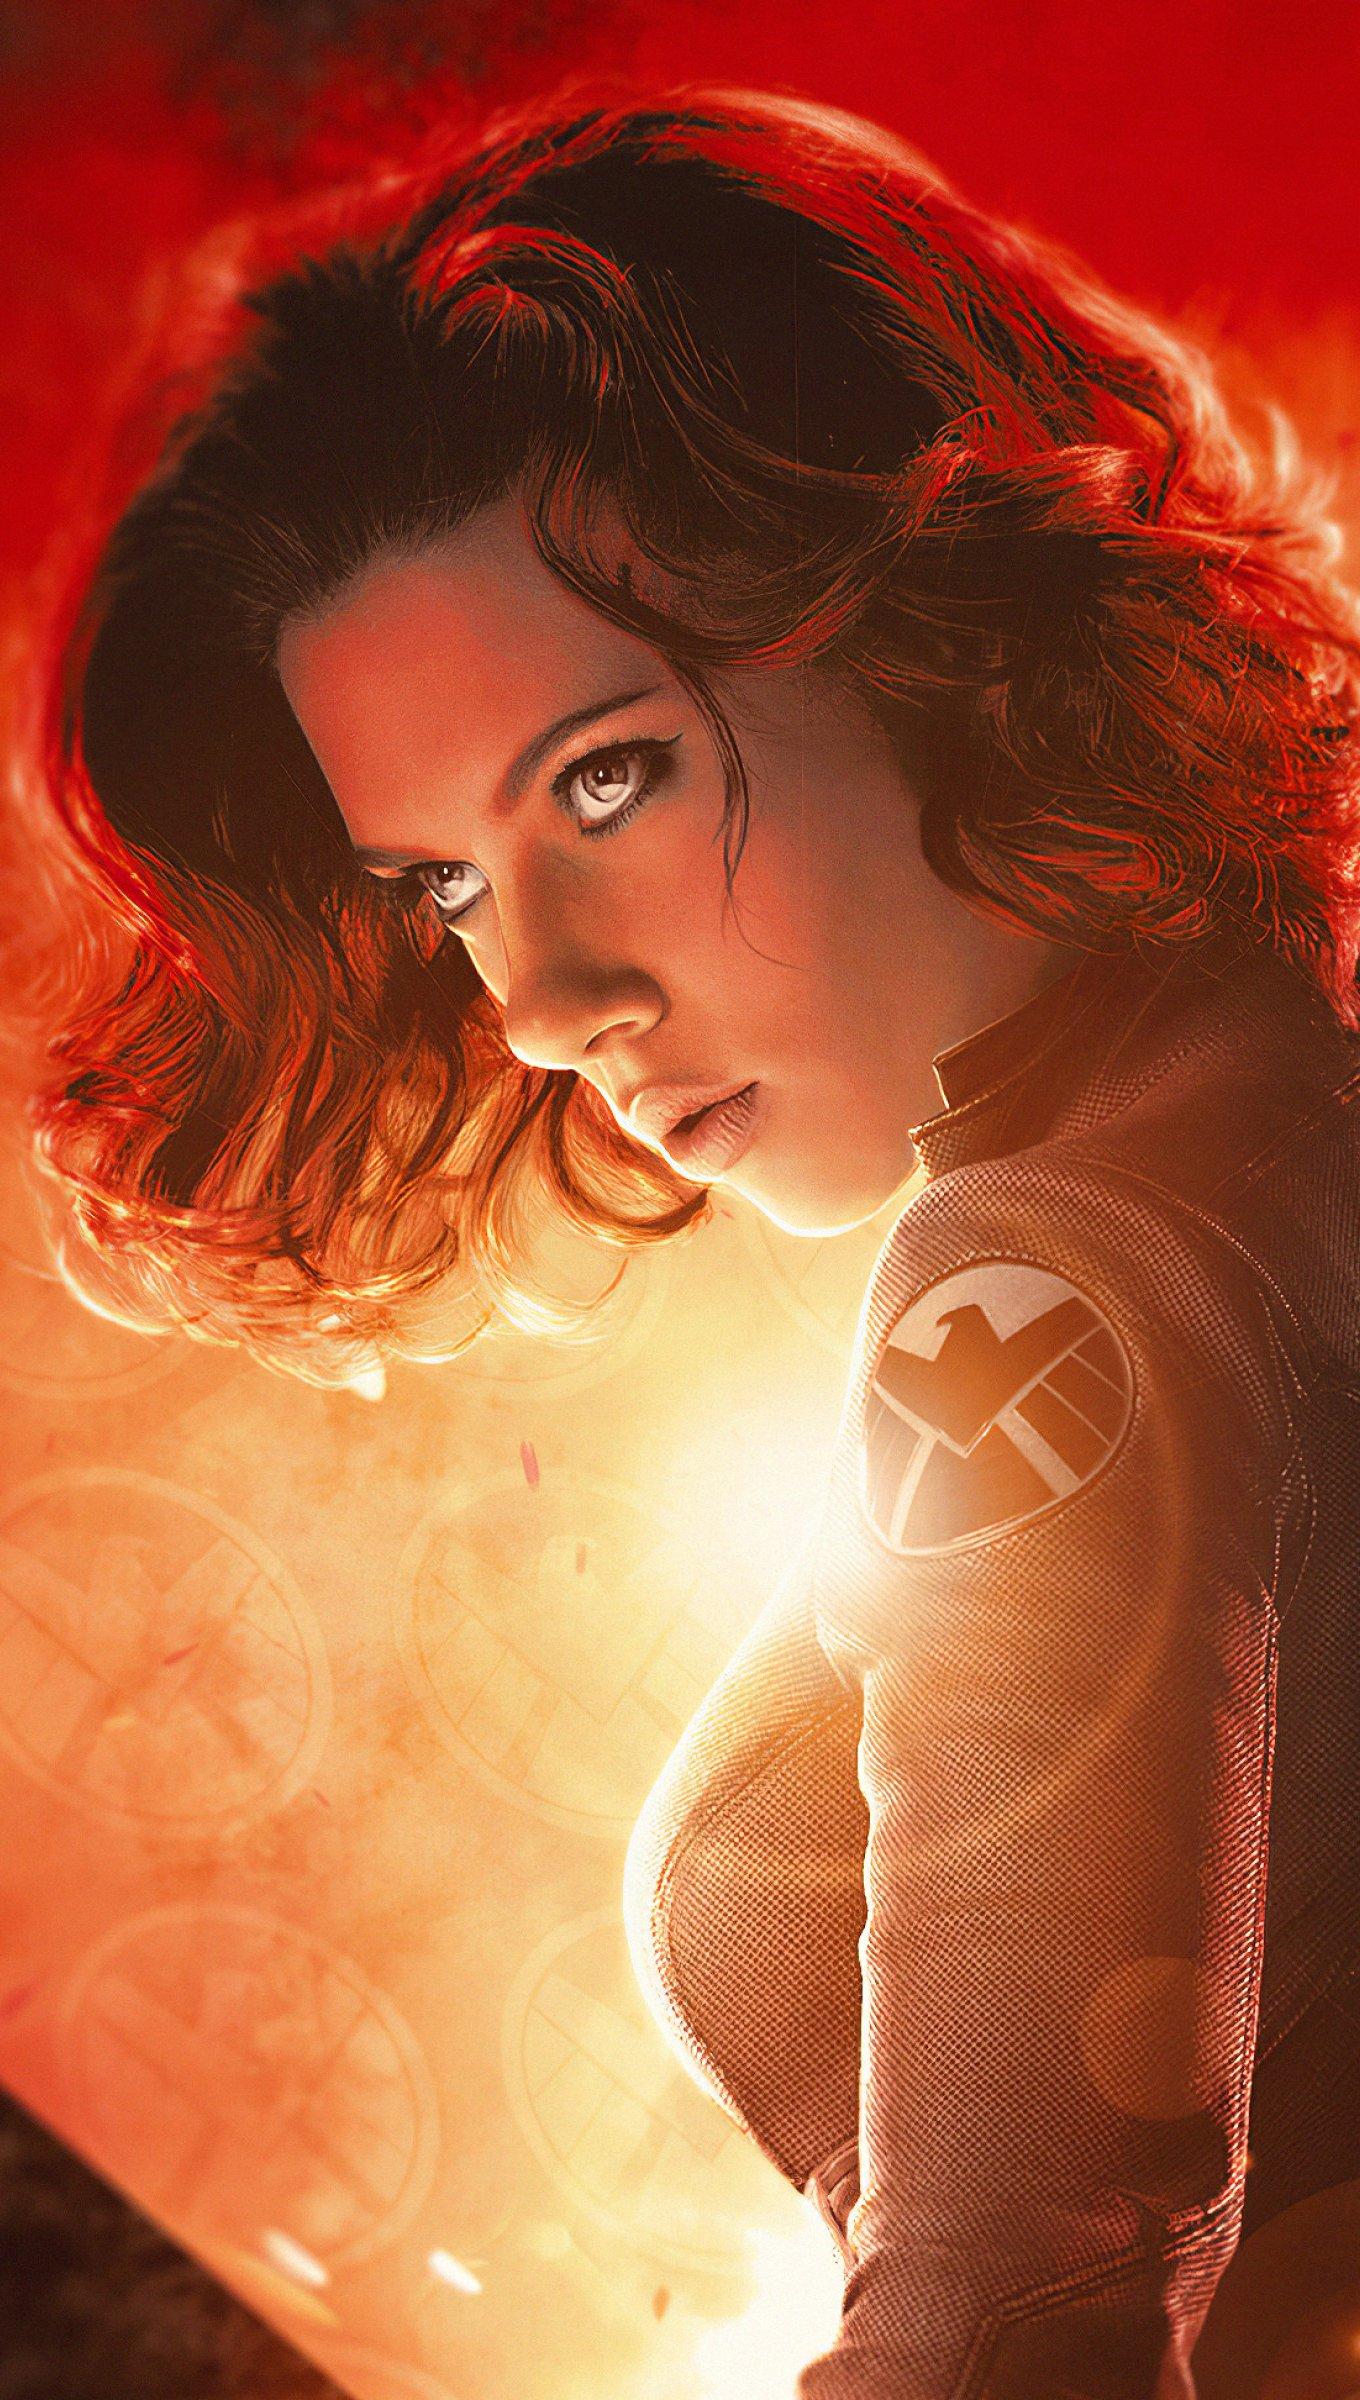 Scarlett Johansson As Character Black Widow Wallpaper 4k Ultra Hd Id 4524